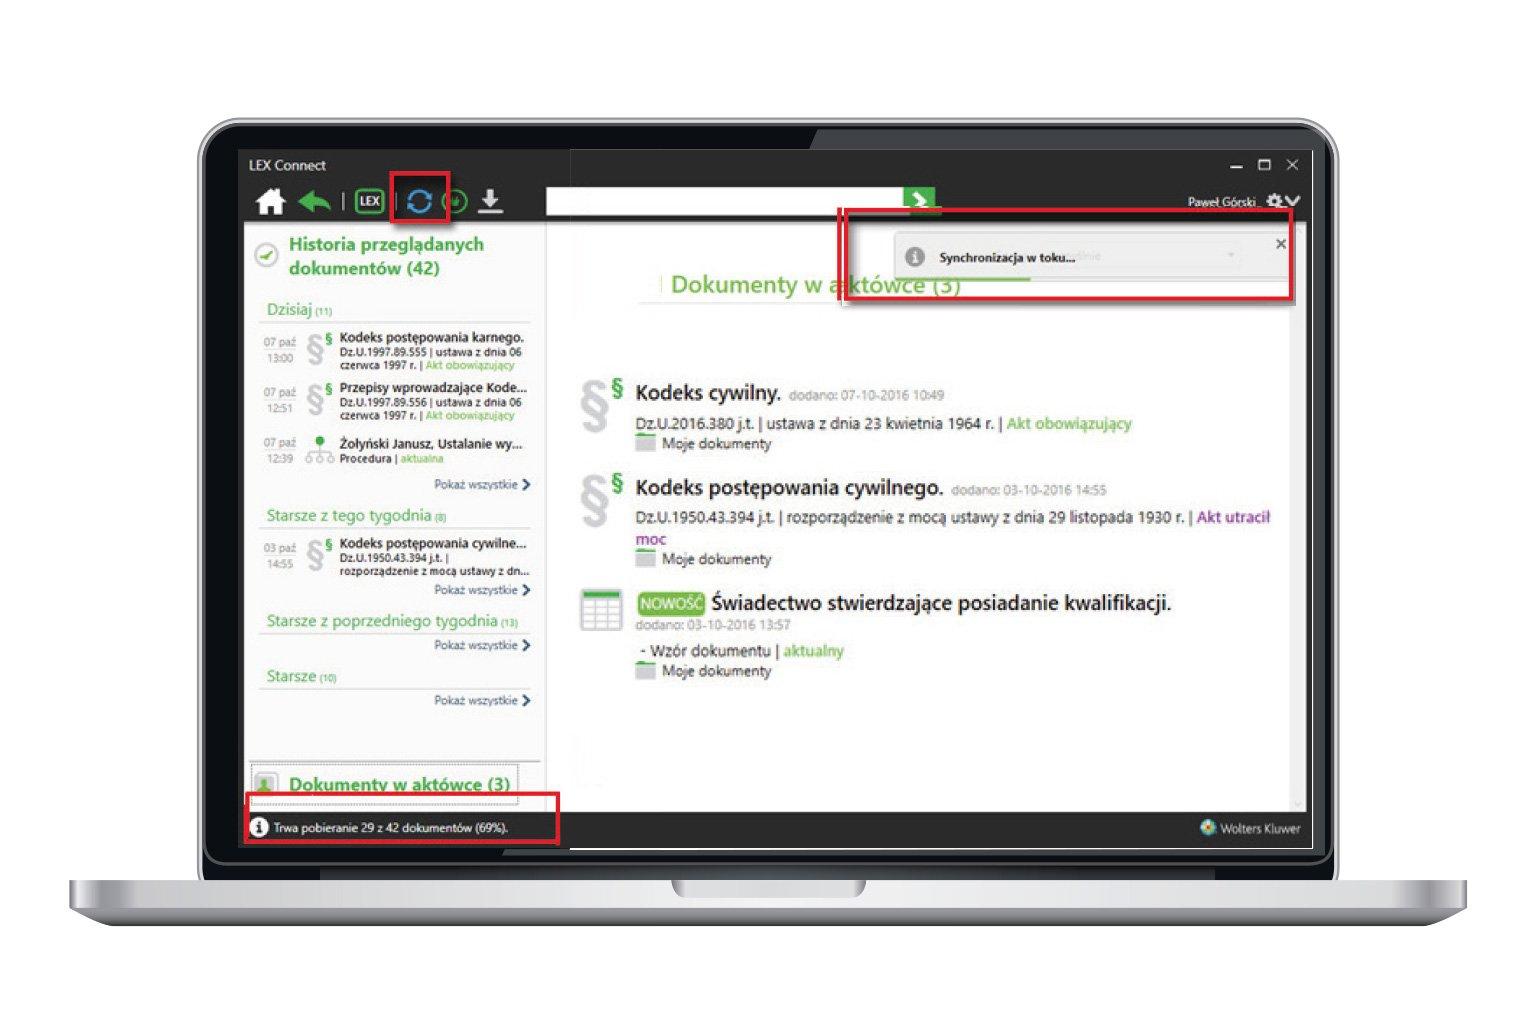 Okno narzędzia LEX Connect przedstawiające funkcję ciągłość pracy